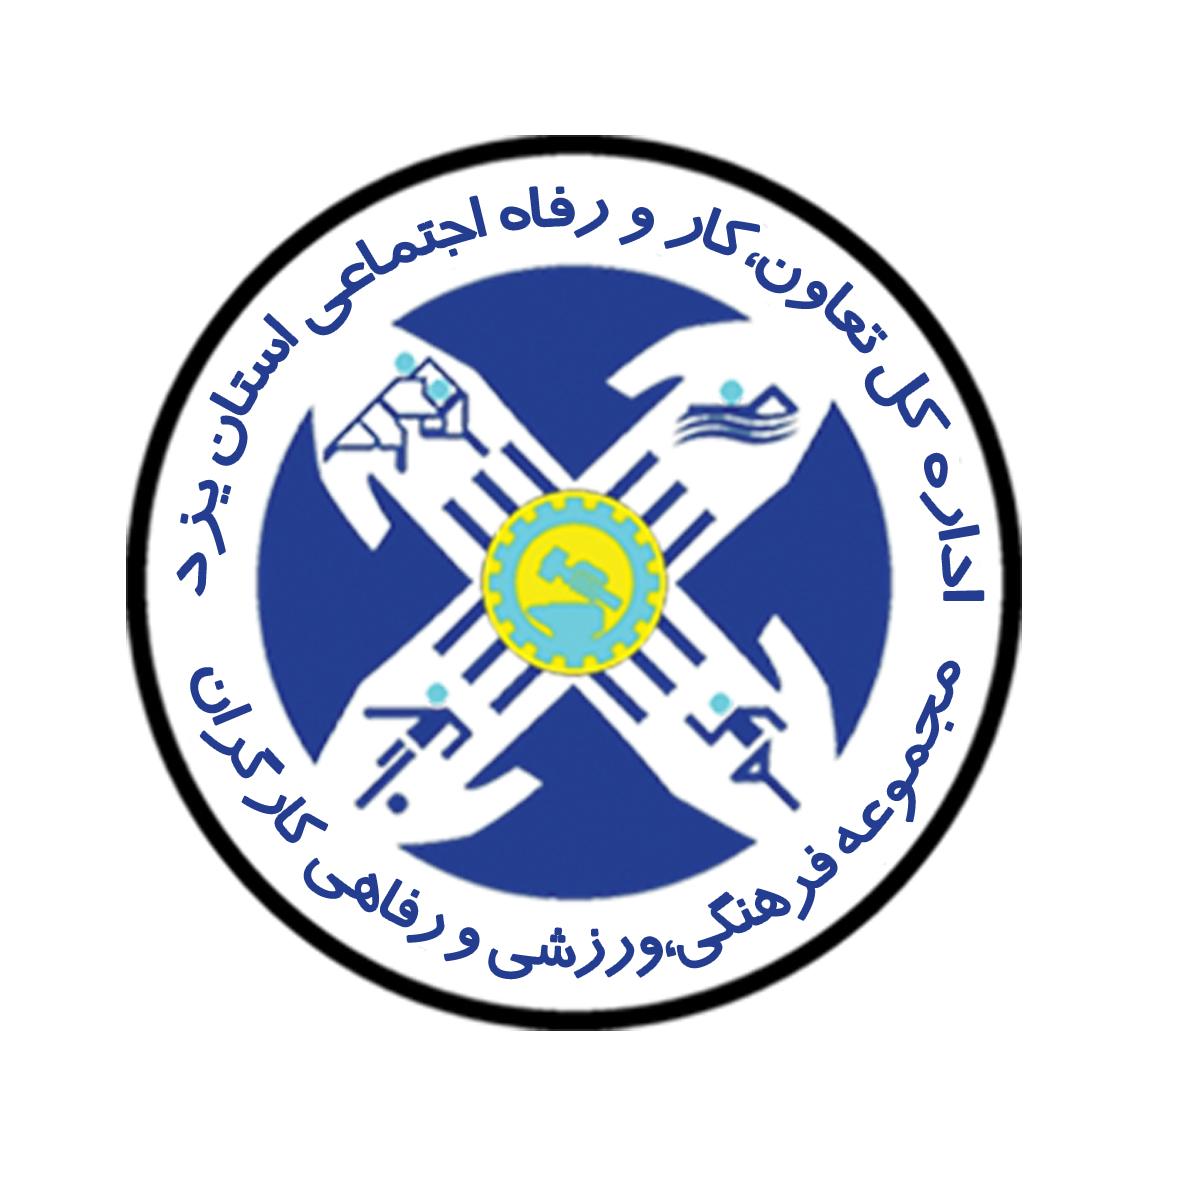 انتخاب یزد به عنوان استان برتر ورزش کارگری